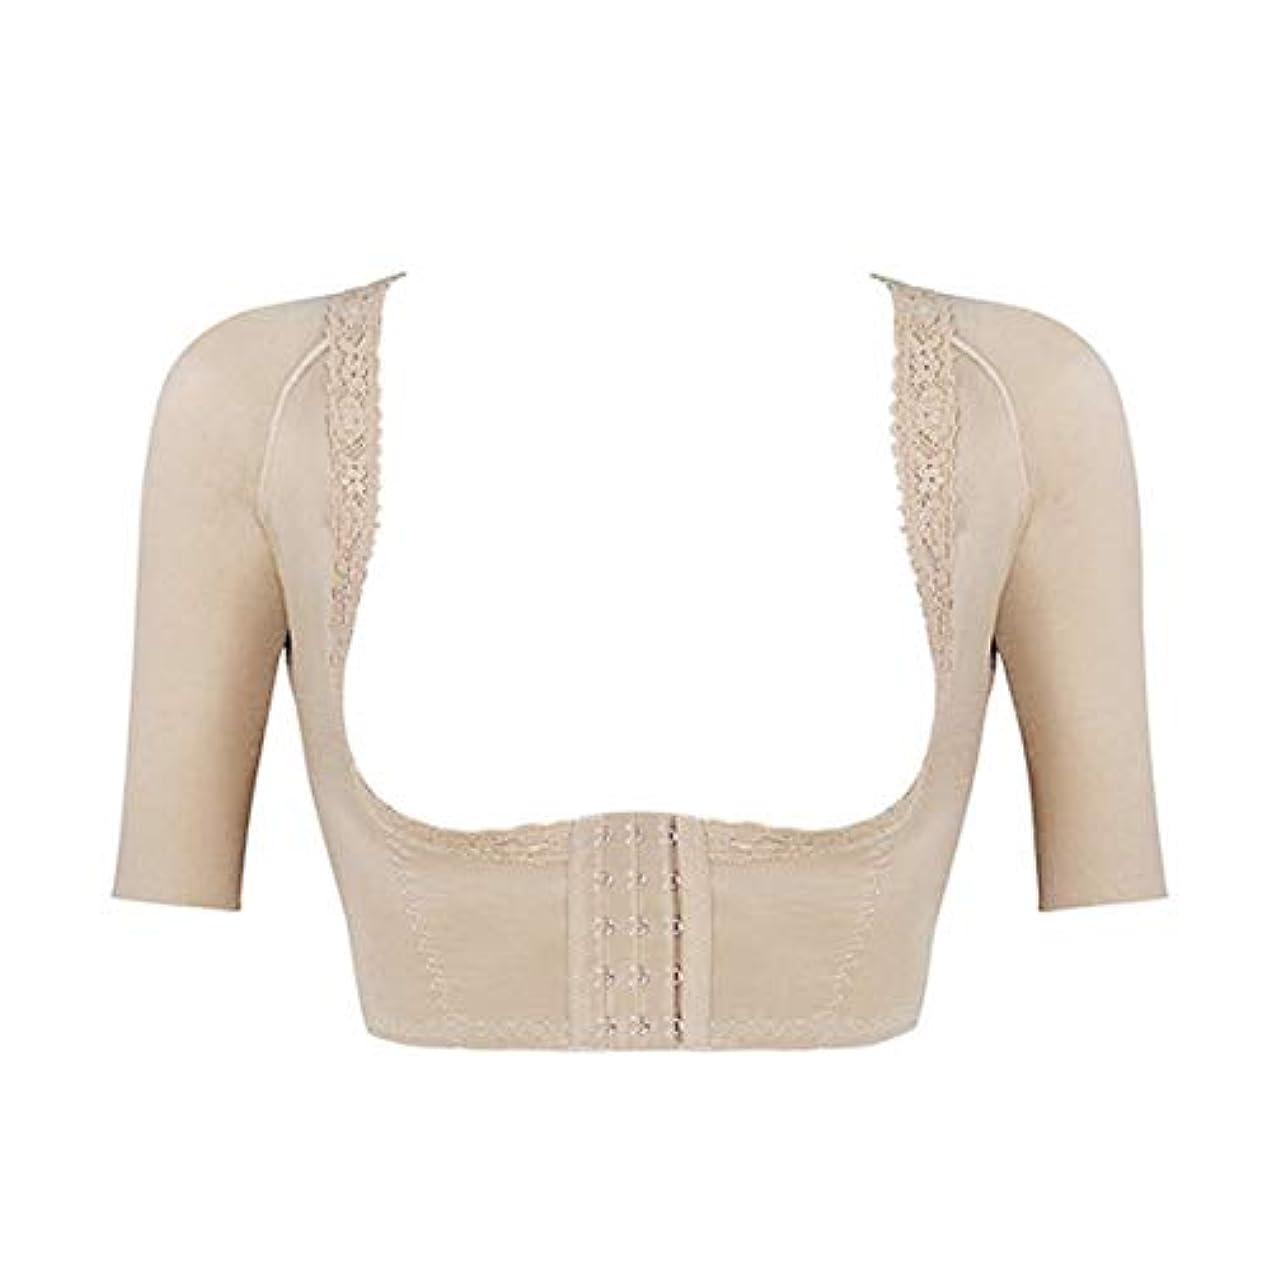 知るパーセント水銀の女性のボディシェイパートップス快適な女性の腕の脂肪燃焼乳房リフトシェイプウェアスリムトレーナーコルセット-スキンカラー-70